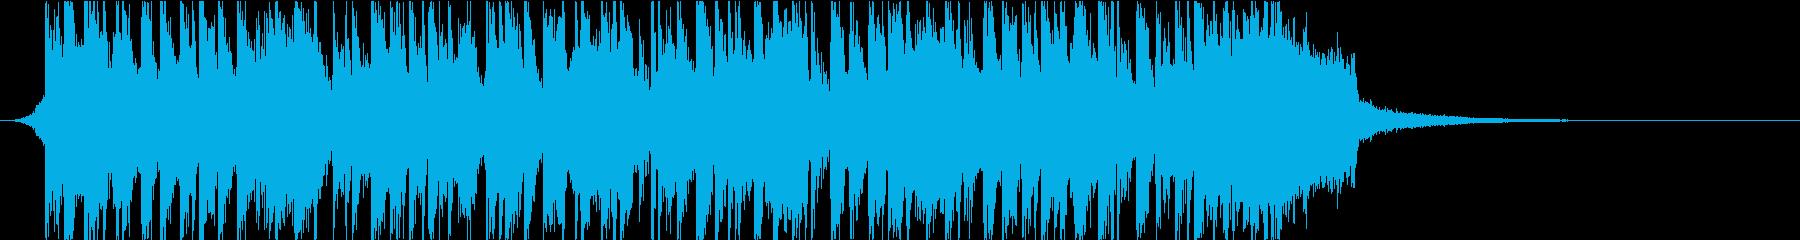 ビッグバンド風オープニングの再生済みの波形